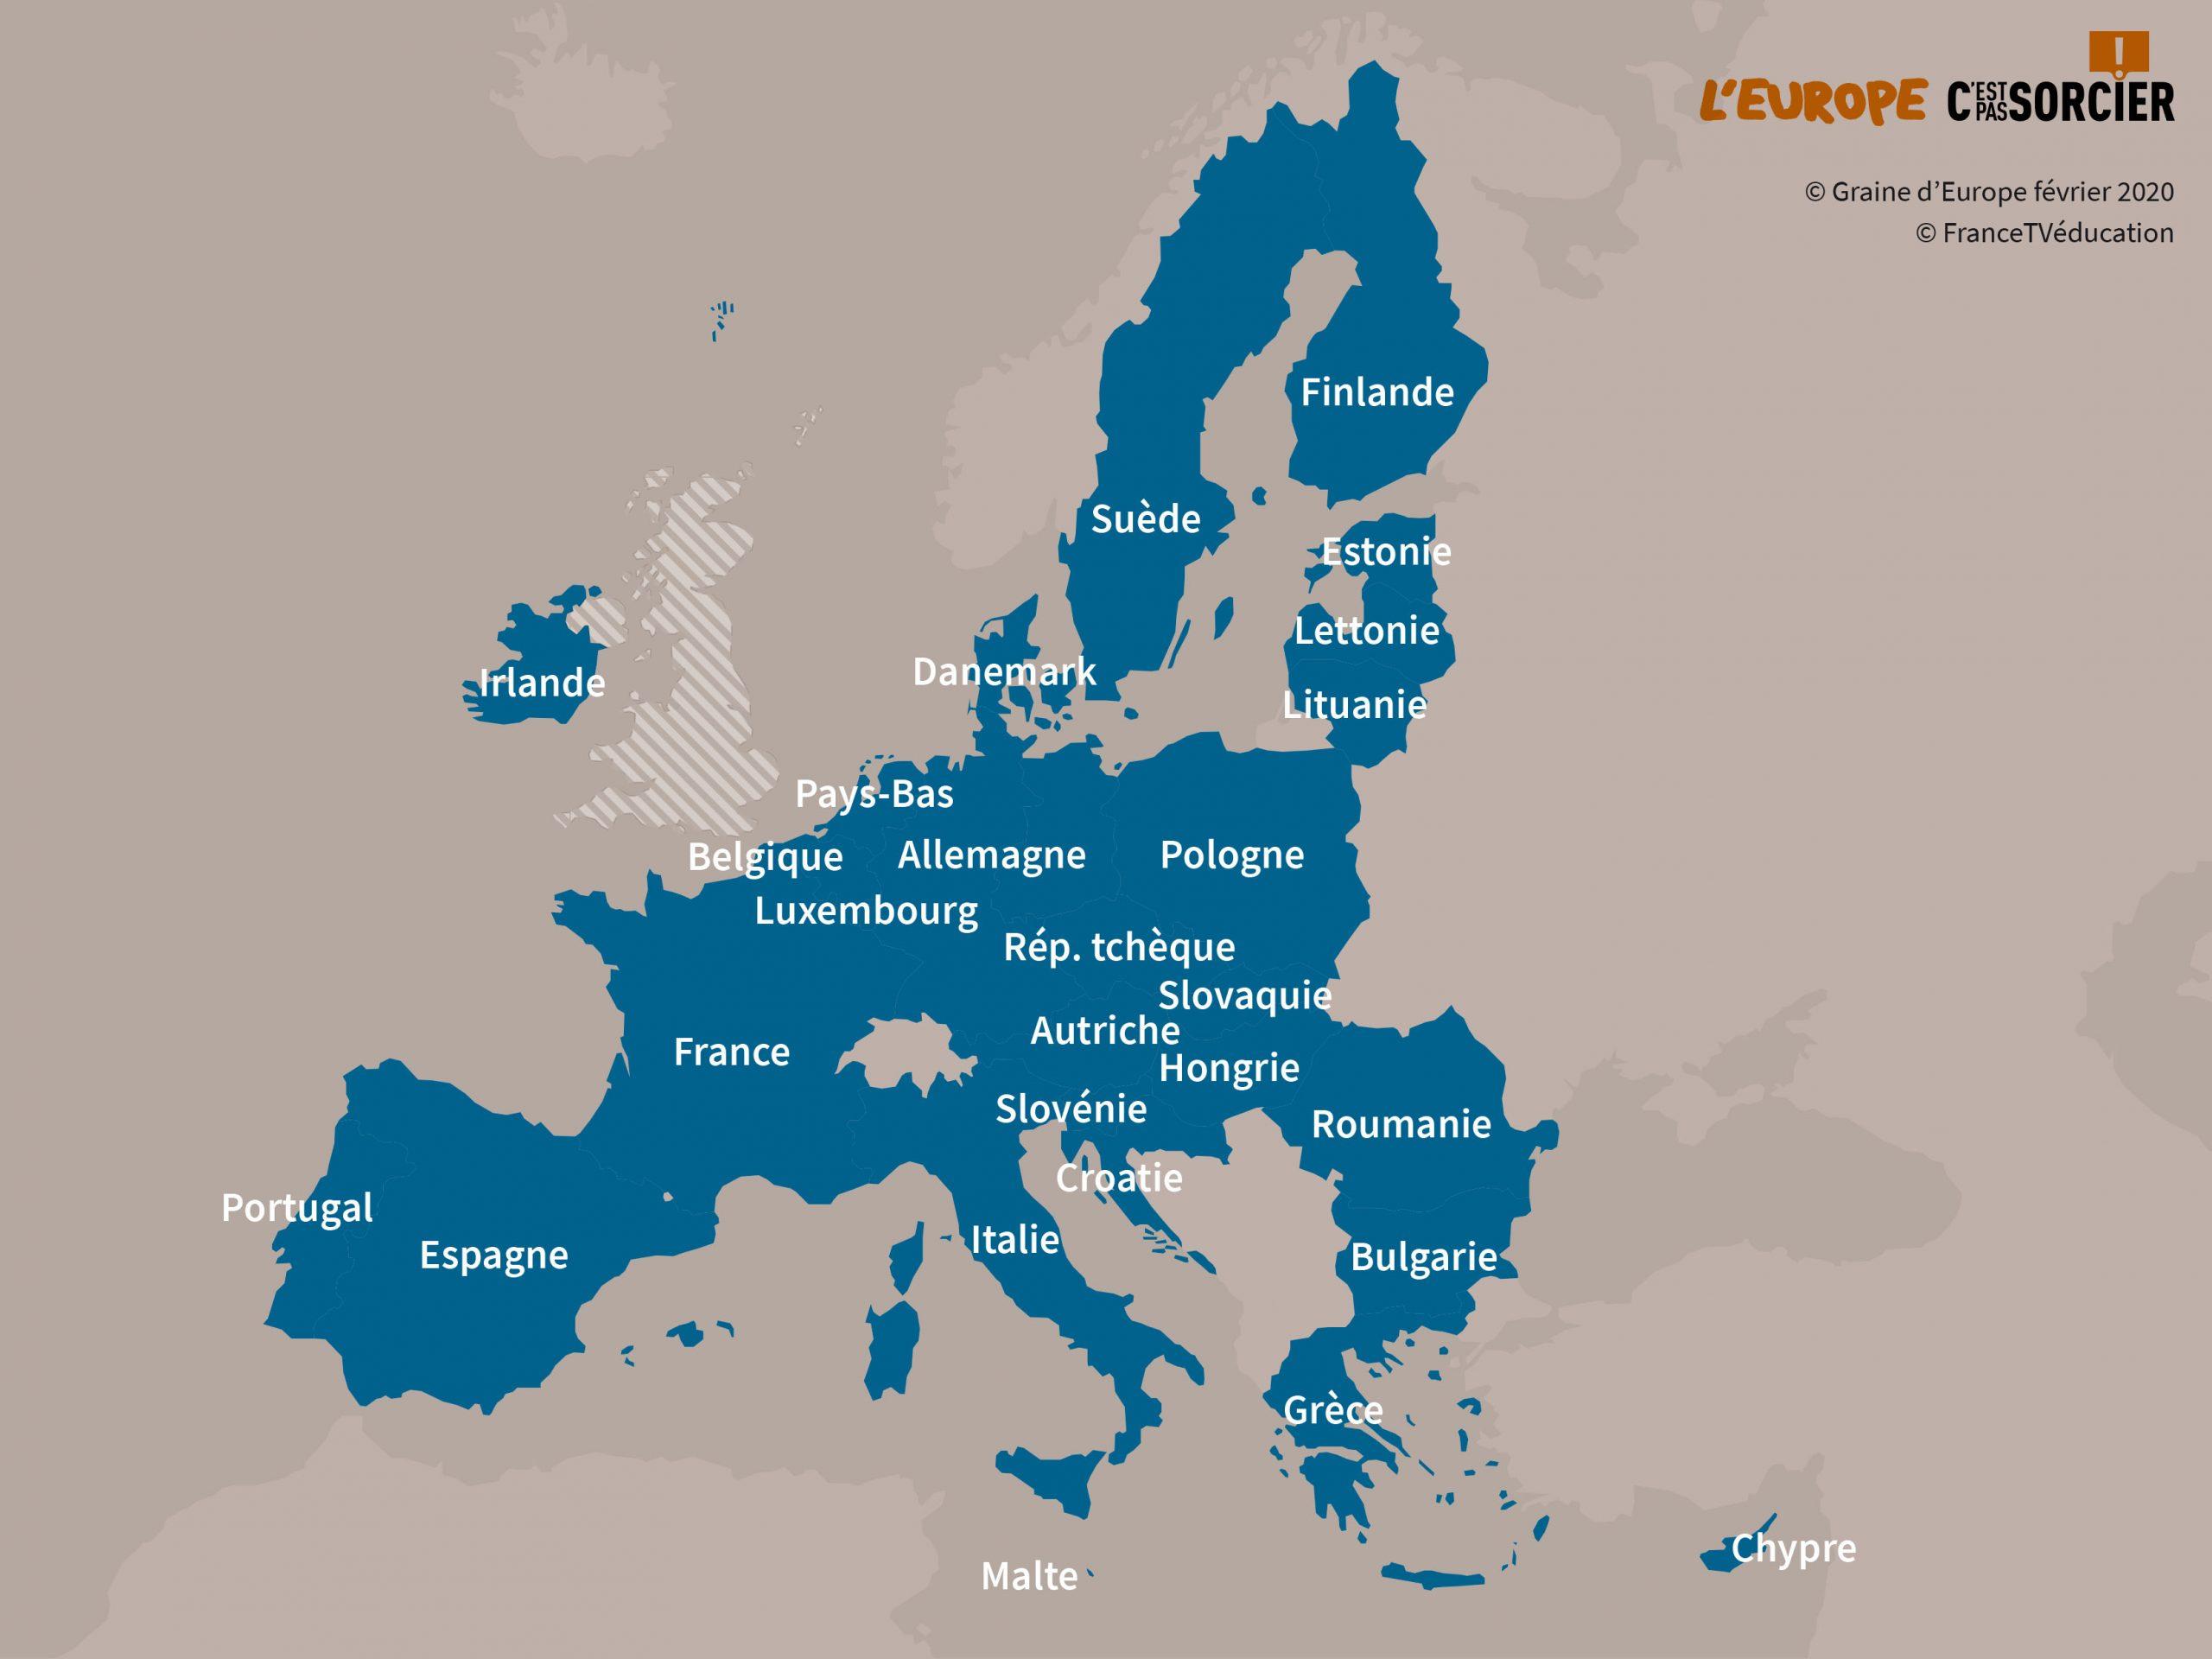 Les Pays De L'union Européenne destiné Carte Pays Union Européenne